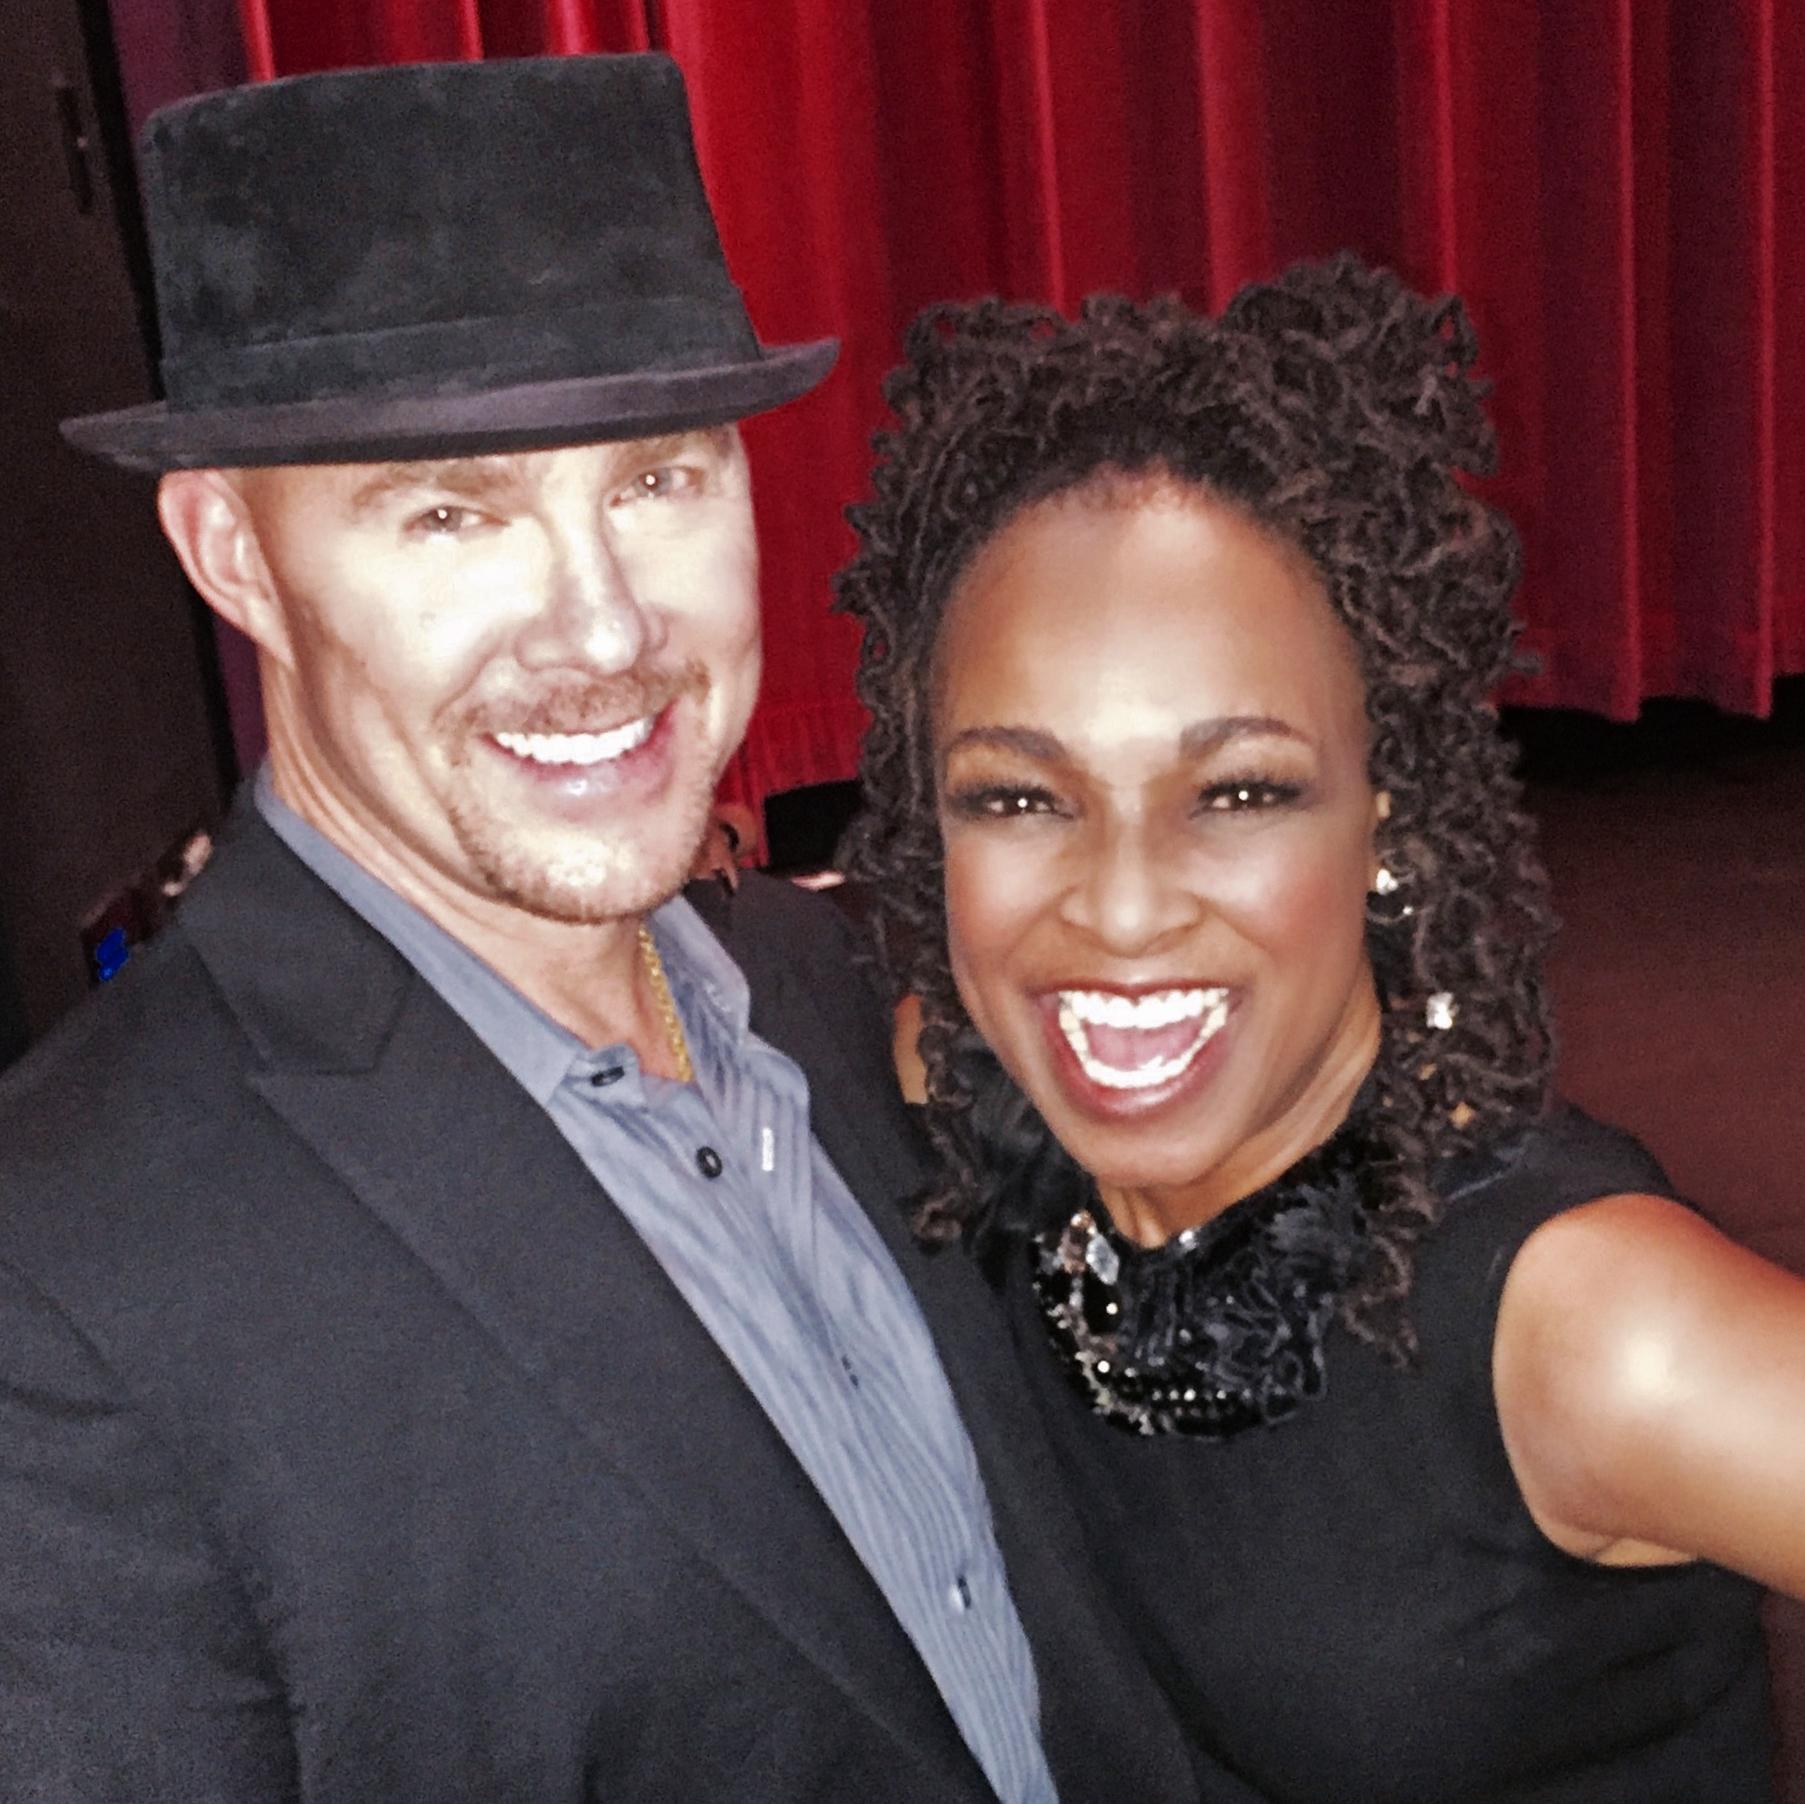 Todd with Siedah Garrett